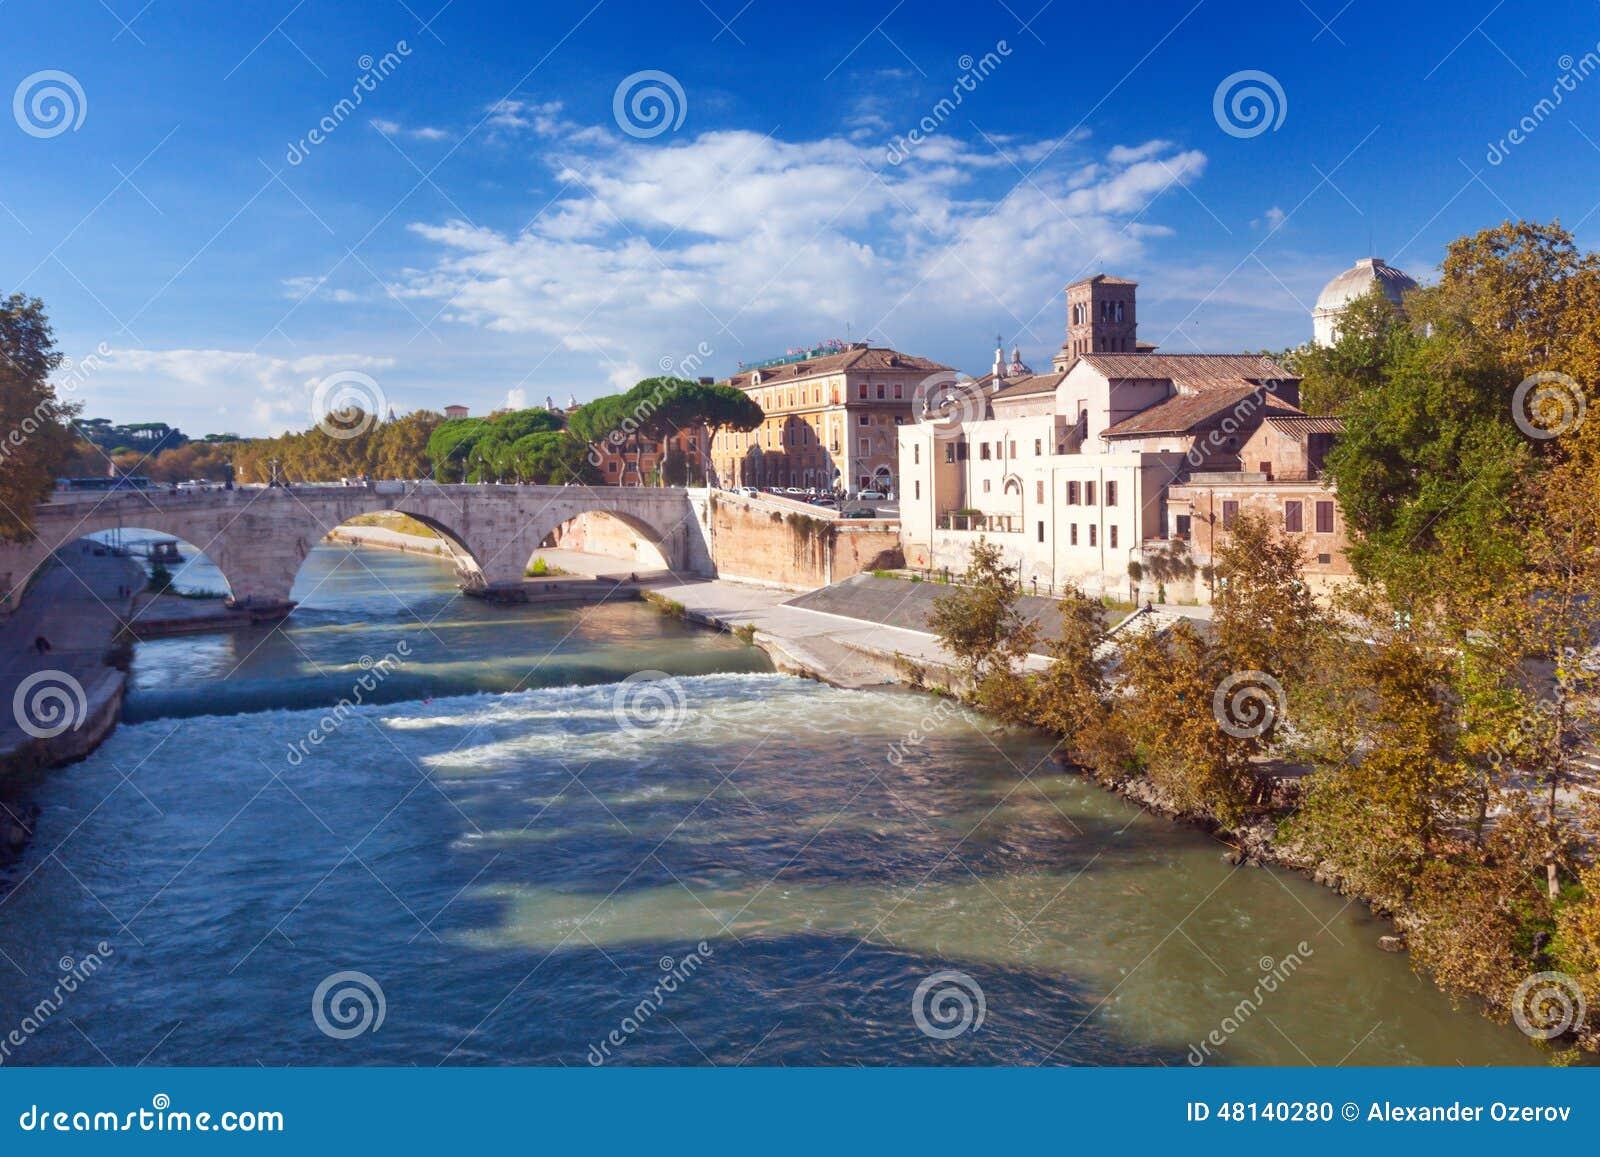 Tiber-Insel- und Pons Cestius-Brücke in Rom